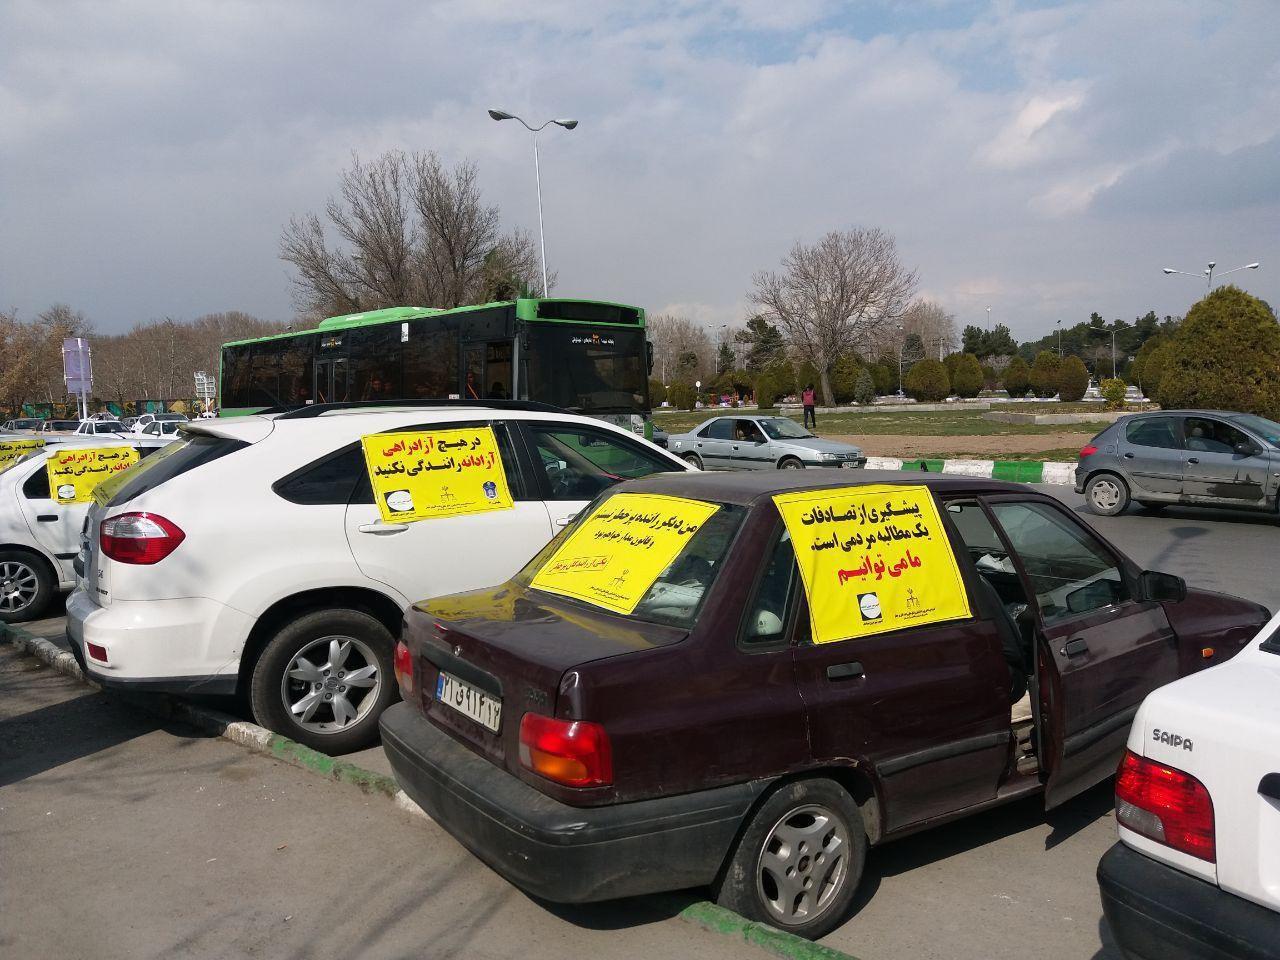 اقدام جالب پلیس راهنمایی رانندگی +تصویر